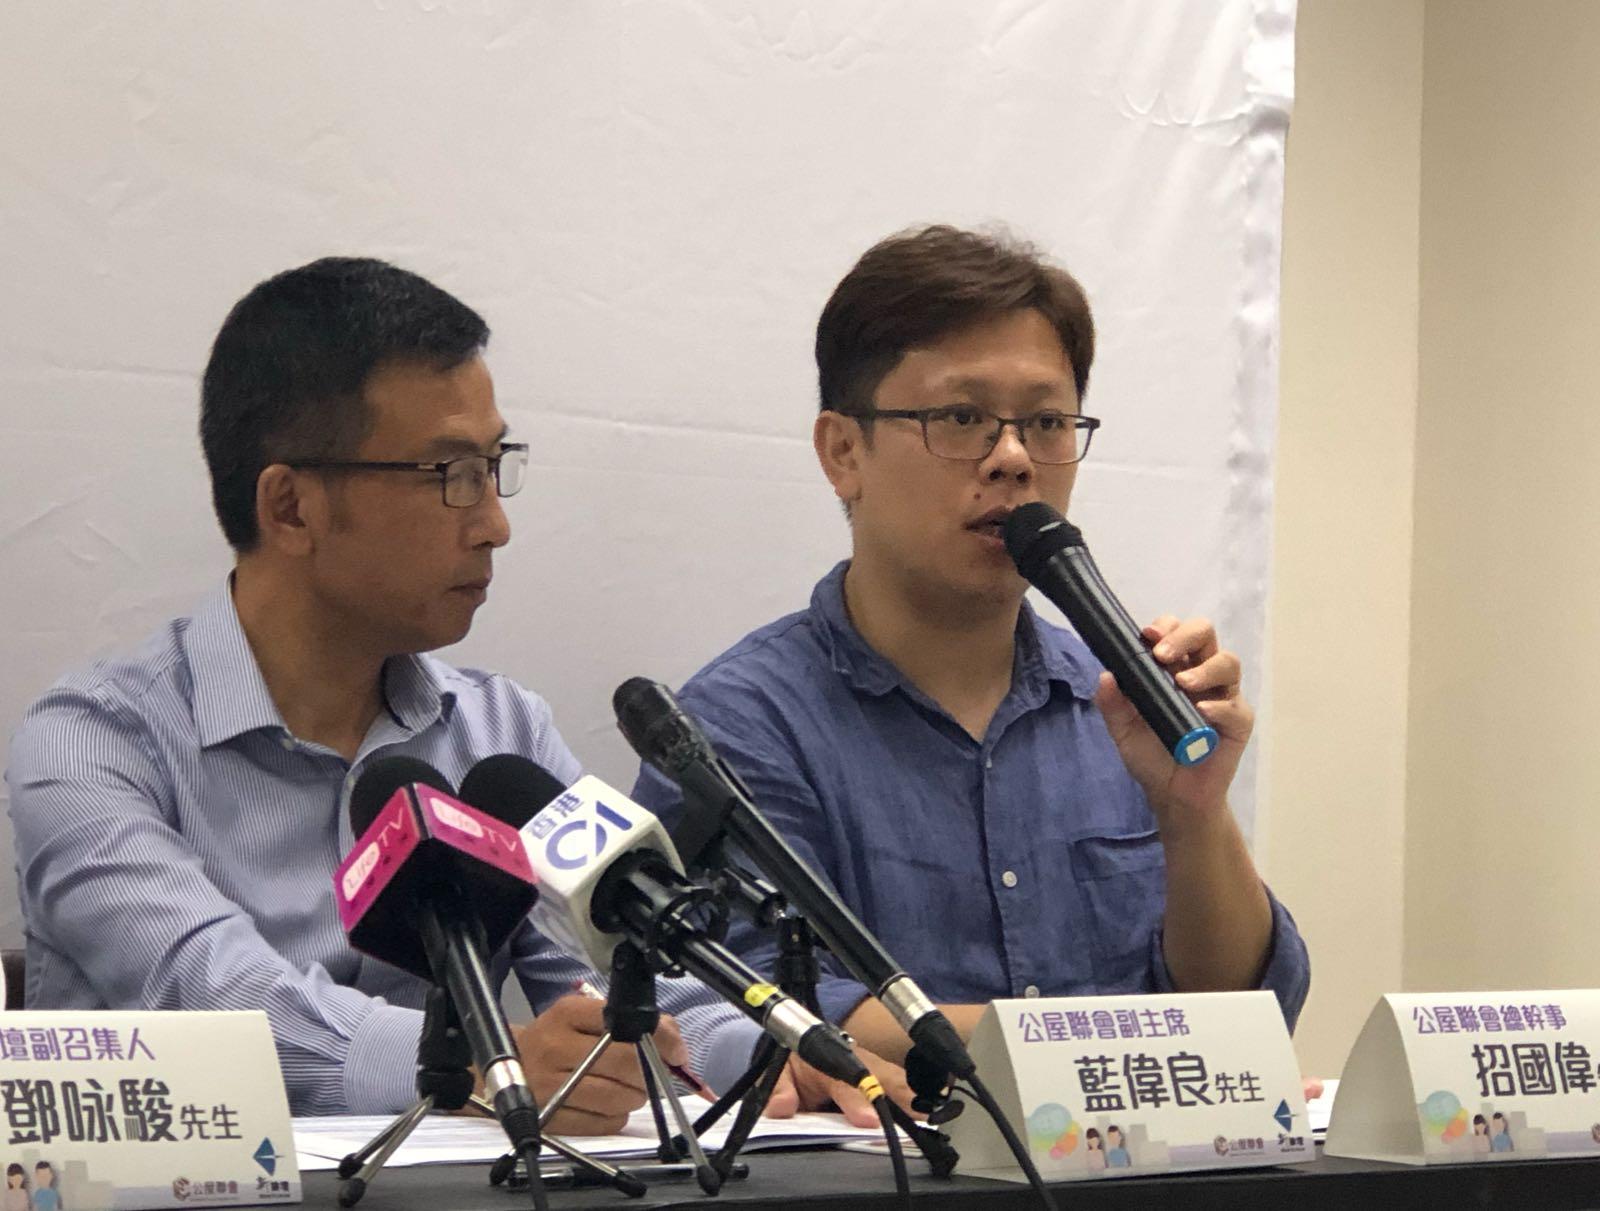 公屋聯會總幹事招國偉(右)籲政府關注青年住屋訴求。鄺沛同攝